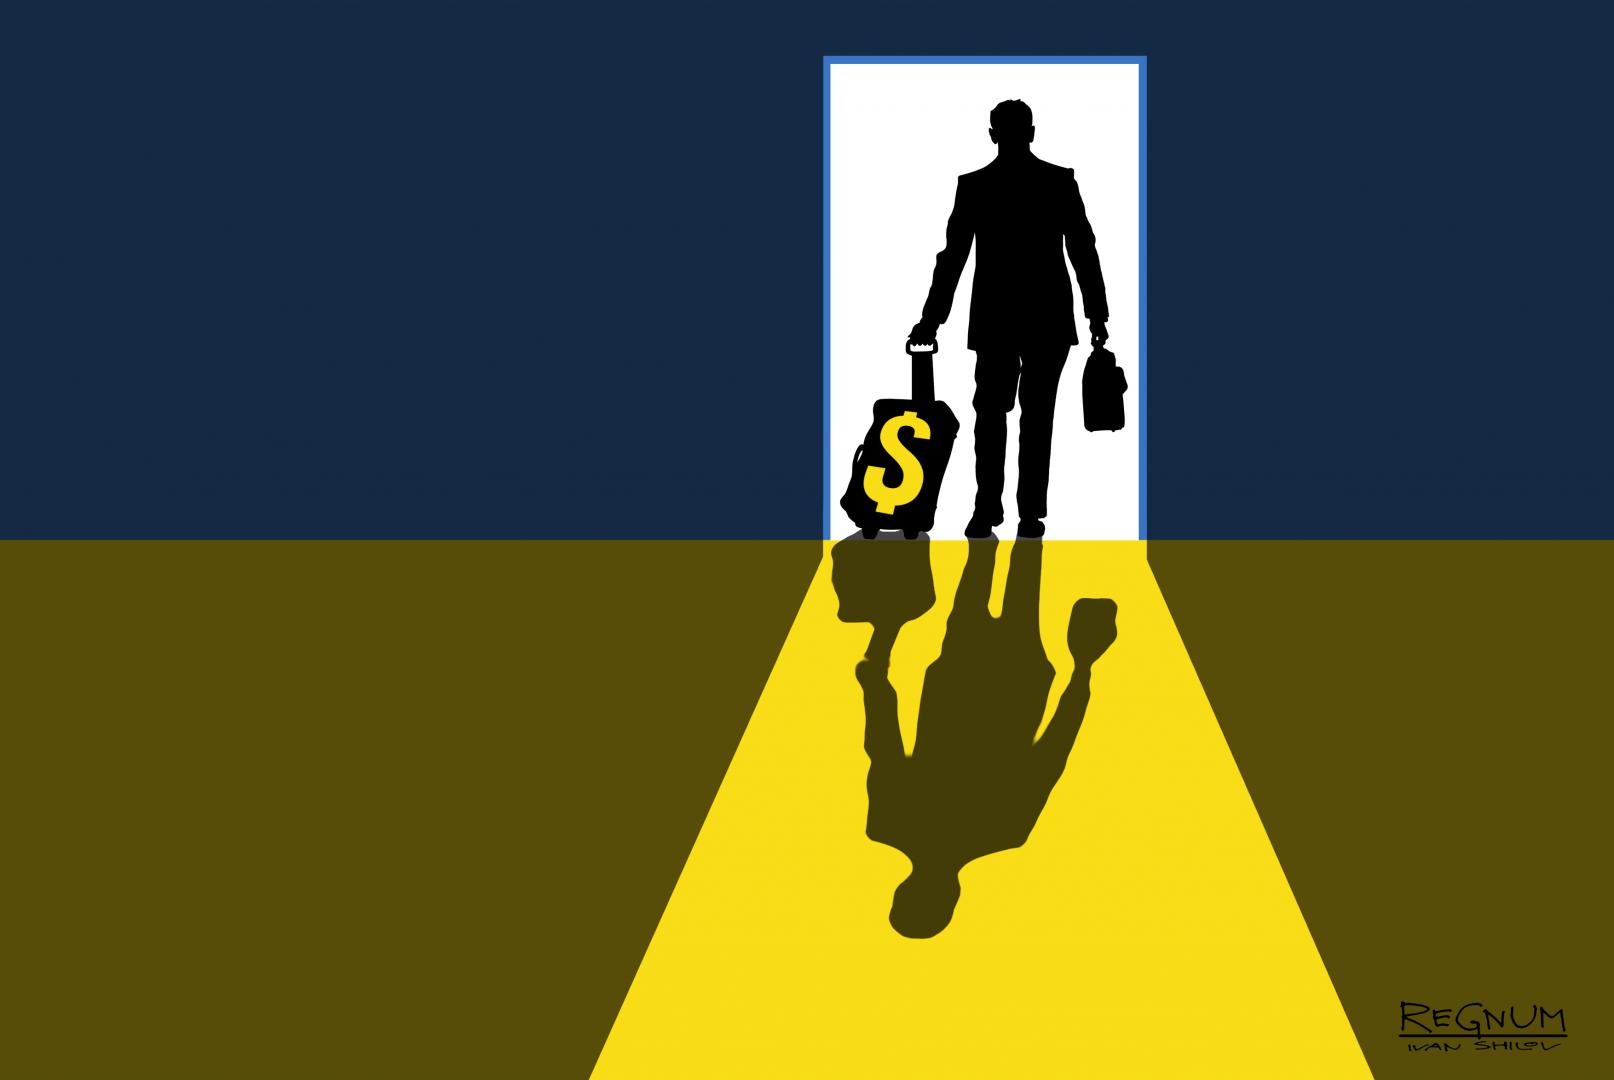 кредит неработающим пенсионерам до 60 лет